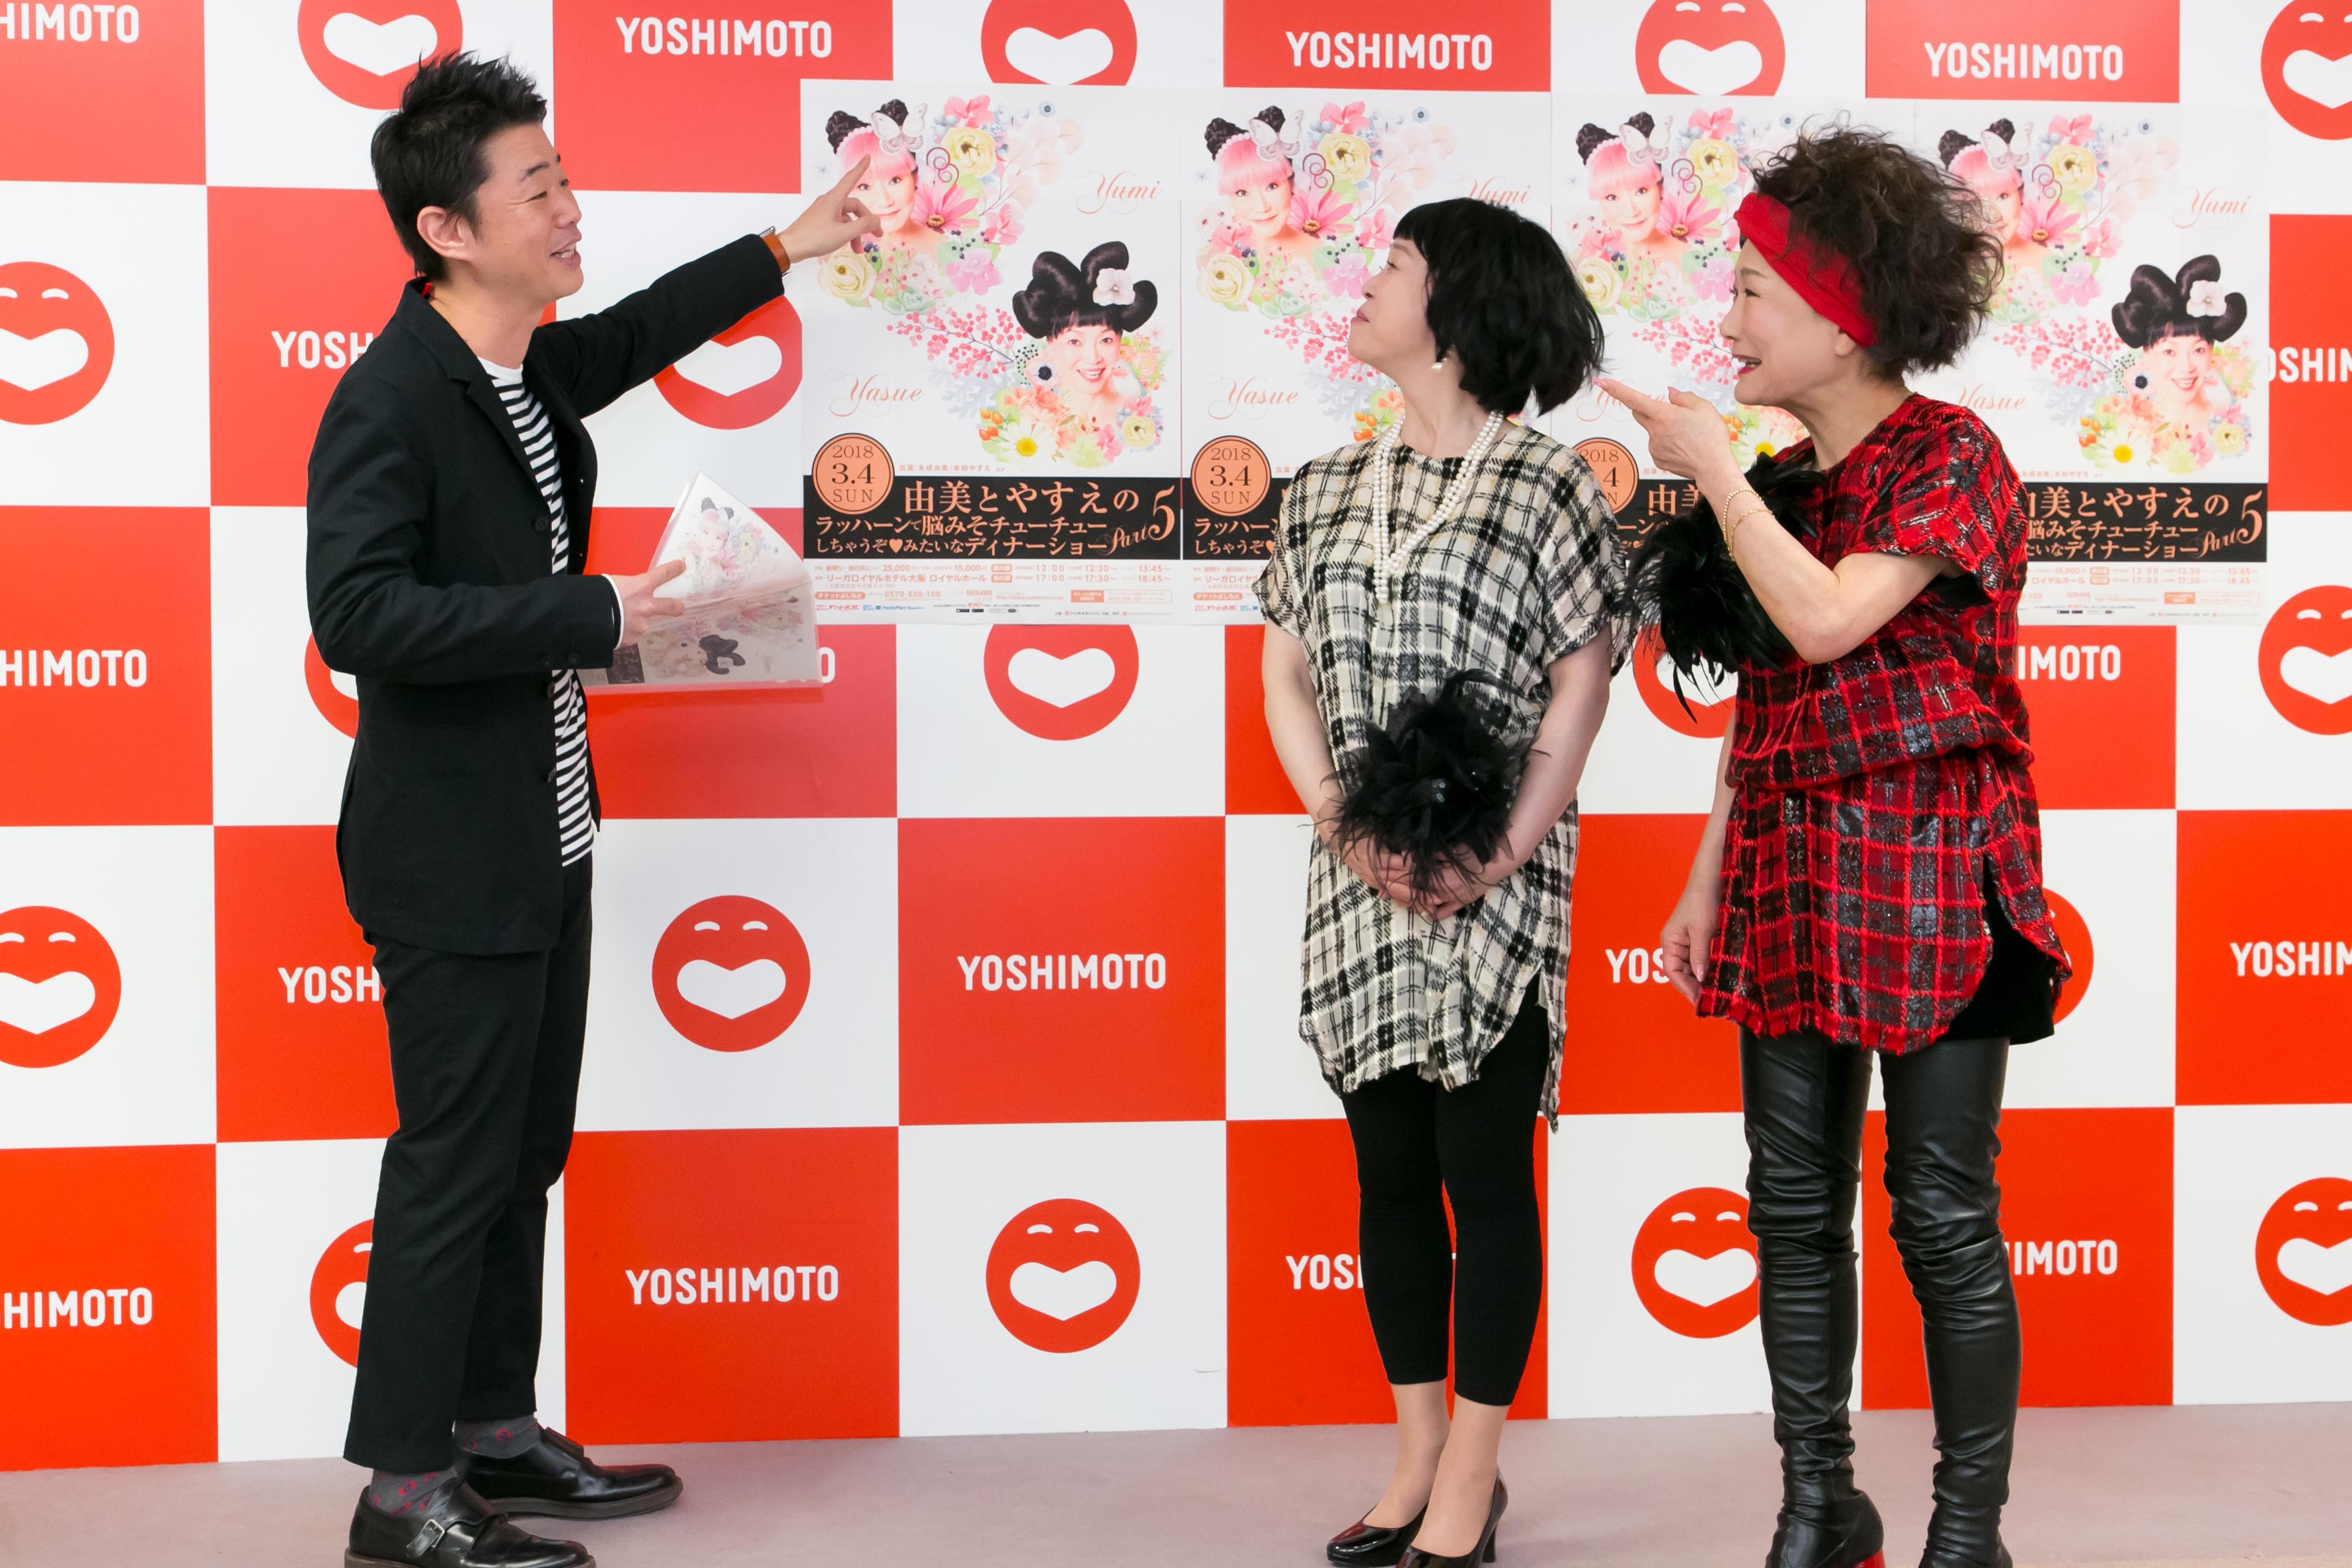 http://news.yoshimoto.co.jp/20171219143905-3a68e68c49765c21047466df2d5c74b3b597c6da.jpg